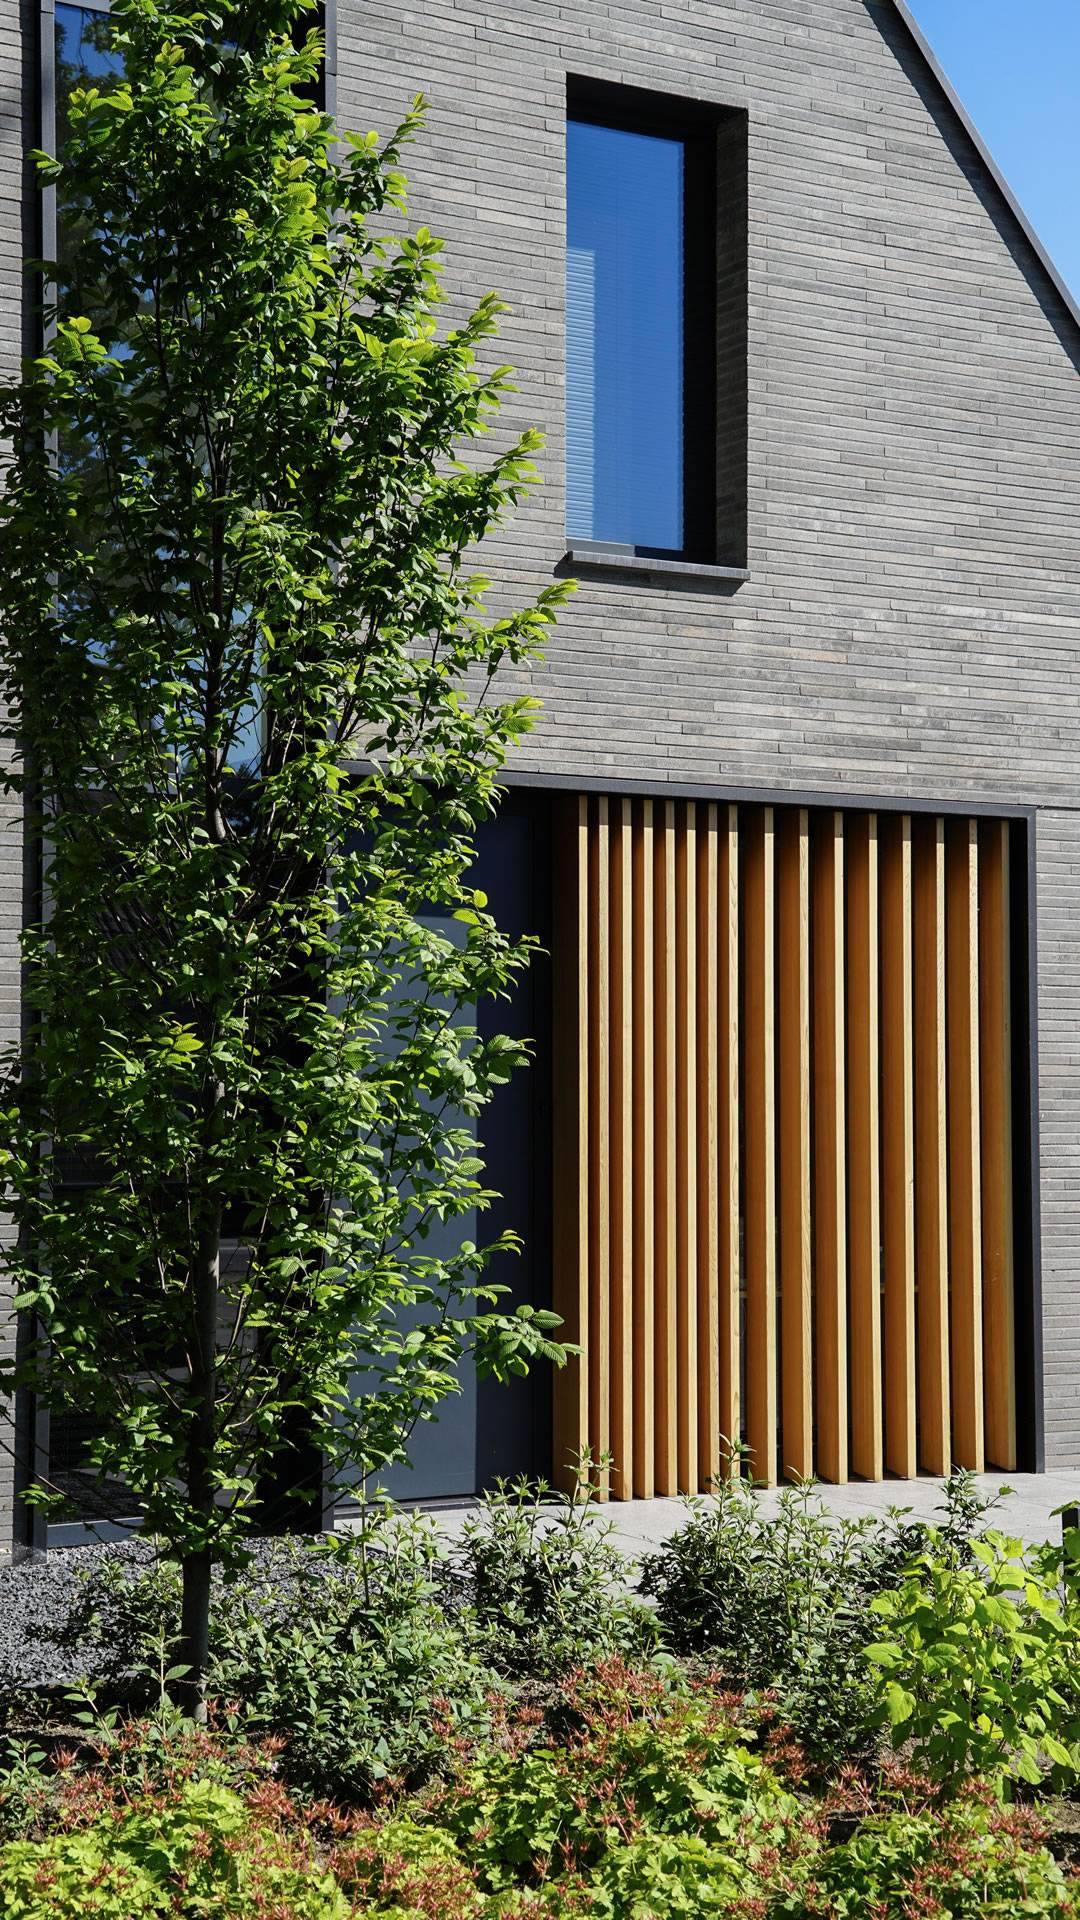 Verouden Bouwbedrijf - Vrijstaande nieuwbouw woning met mantelzorgwoning - 39 - DSC05729